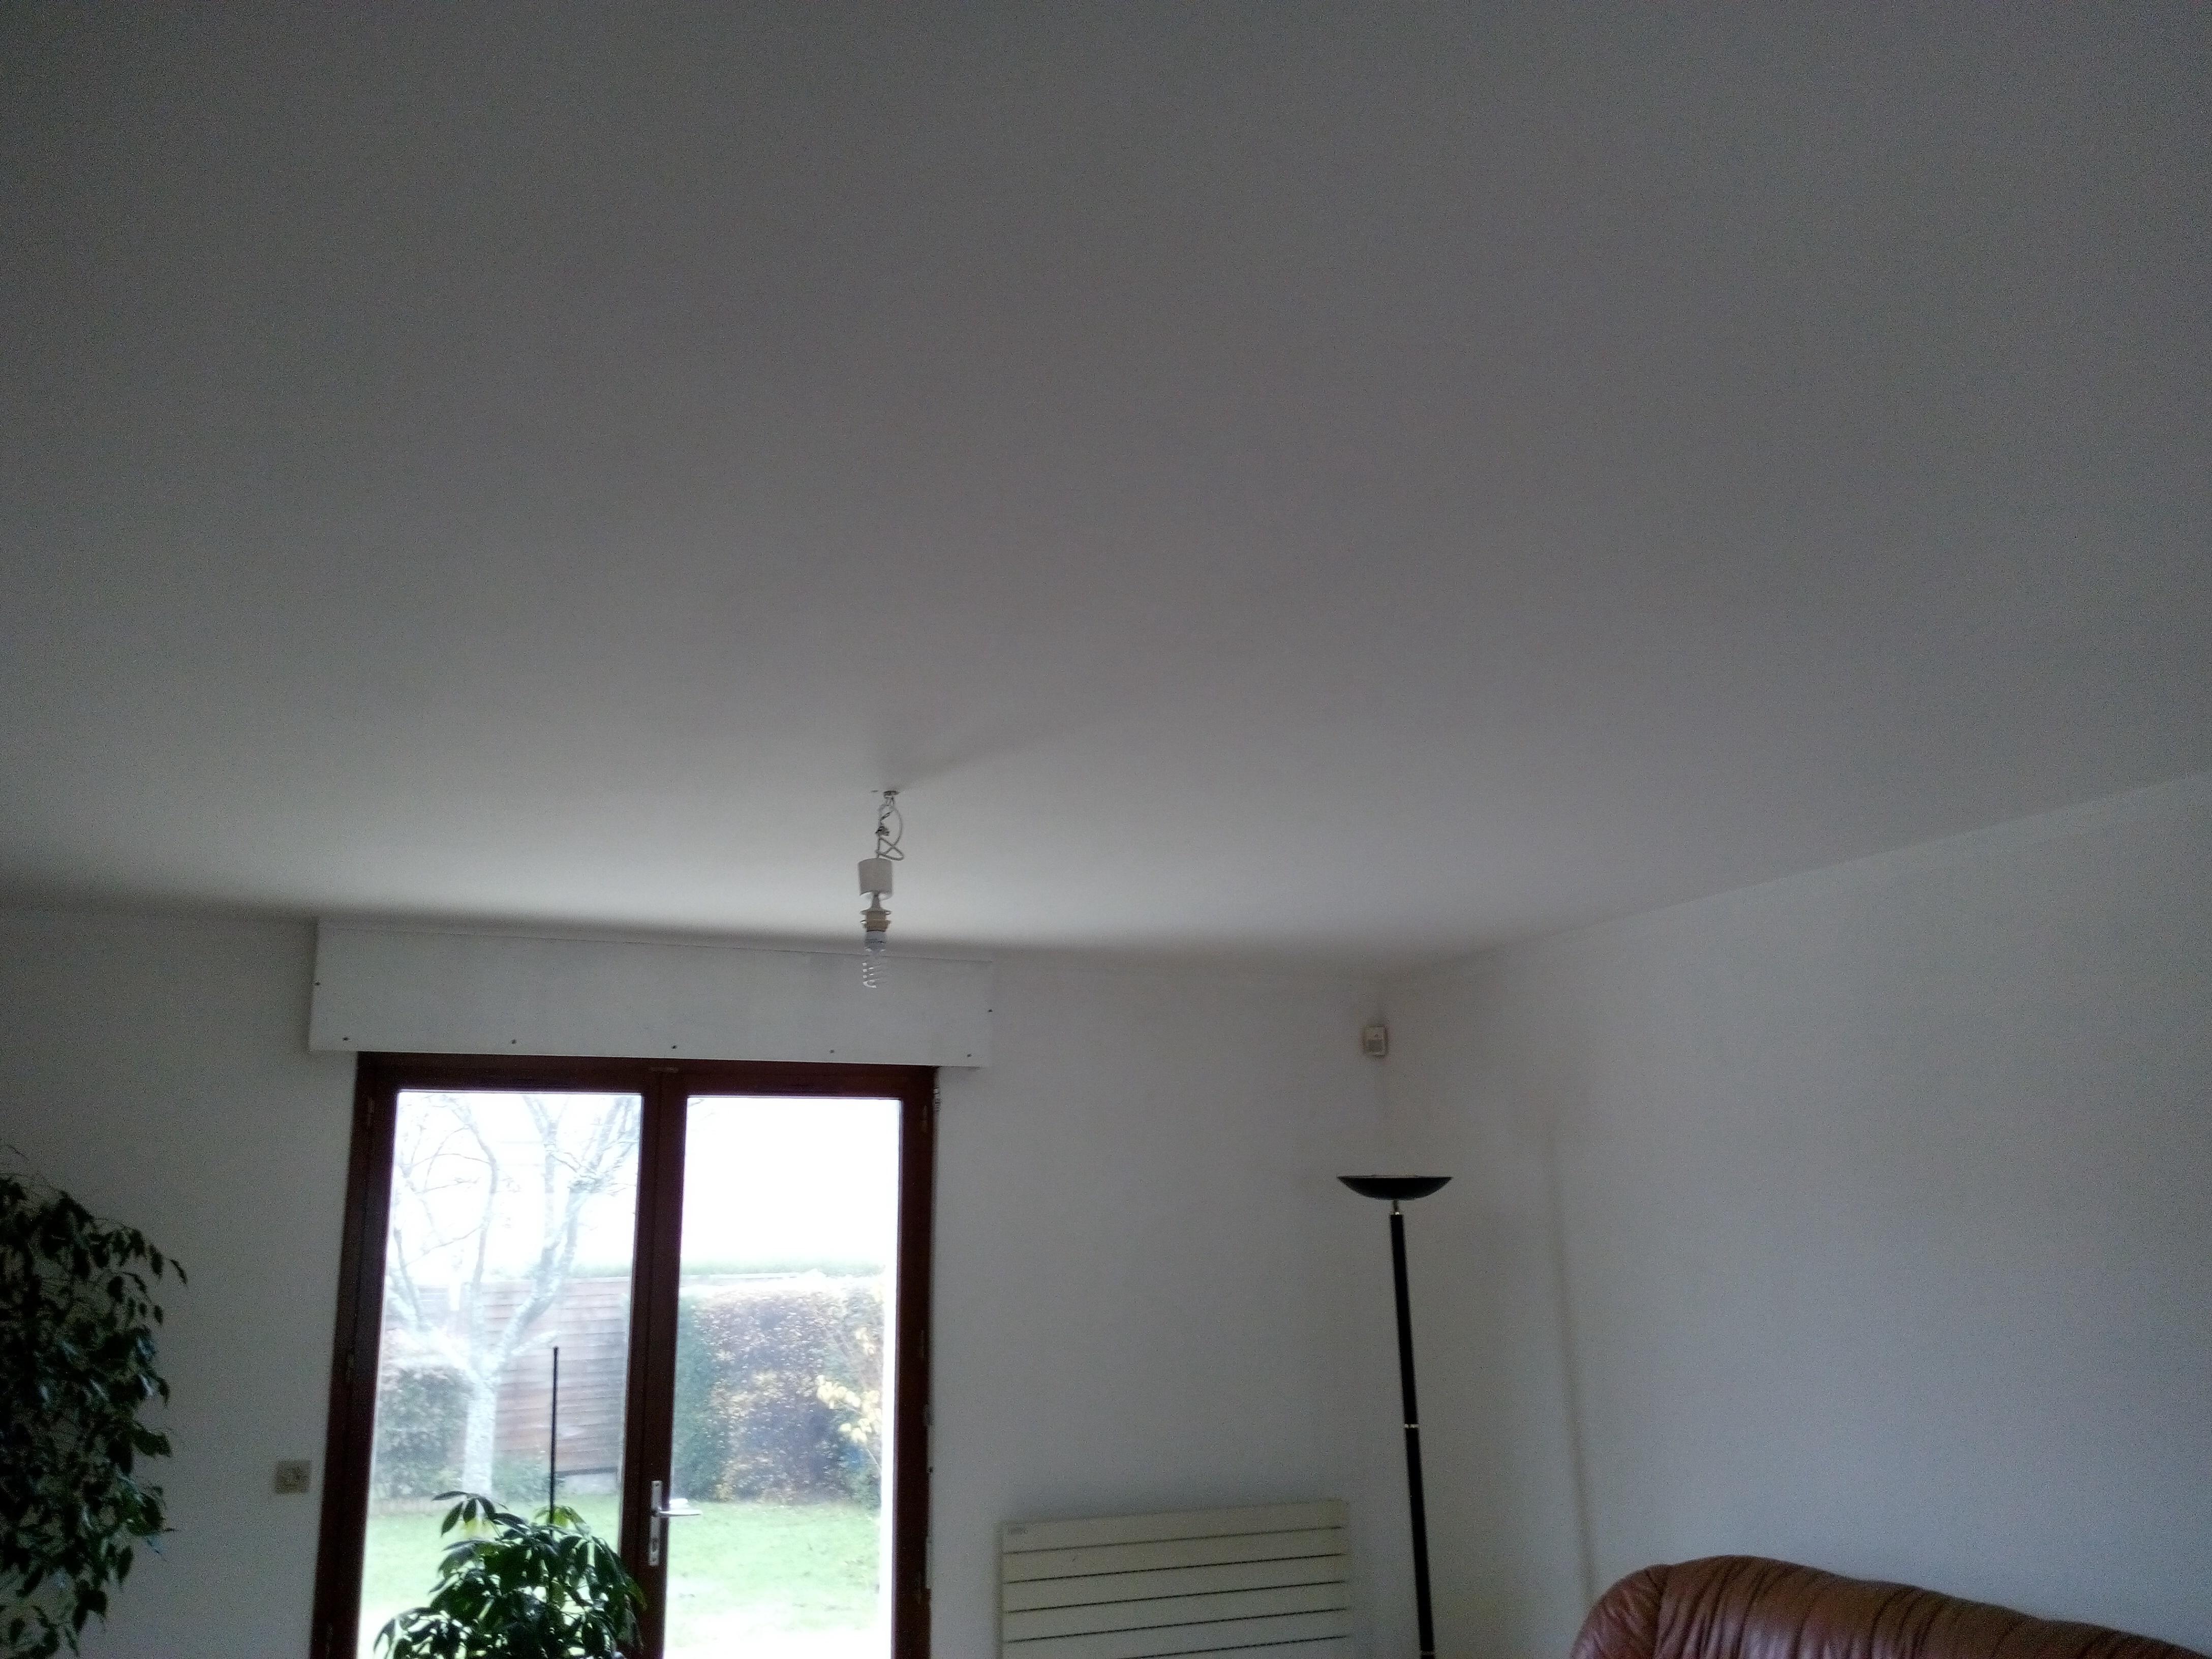 gros probl me de peinture plafond 35m2 53 messages page 3. Black Bedroom Furniture Sets. Home Design Ideas